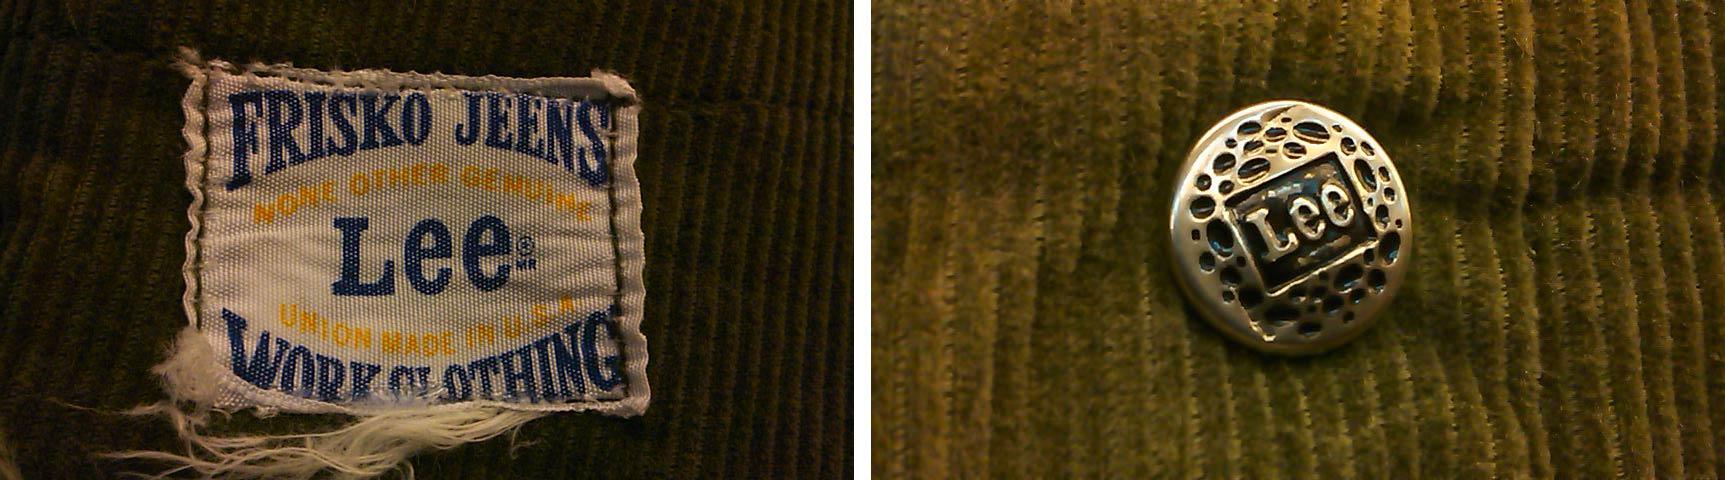 8/24(火)大阪アメリカ村店入荷情報!第4弾Vintage Denim Pants編。_c0078587_21474221.jpg